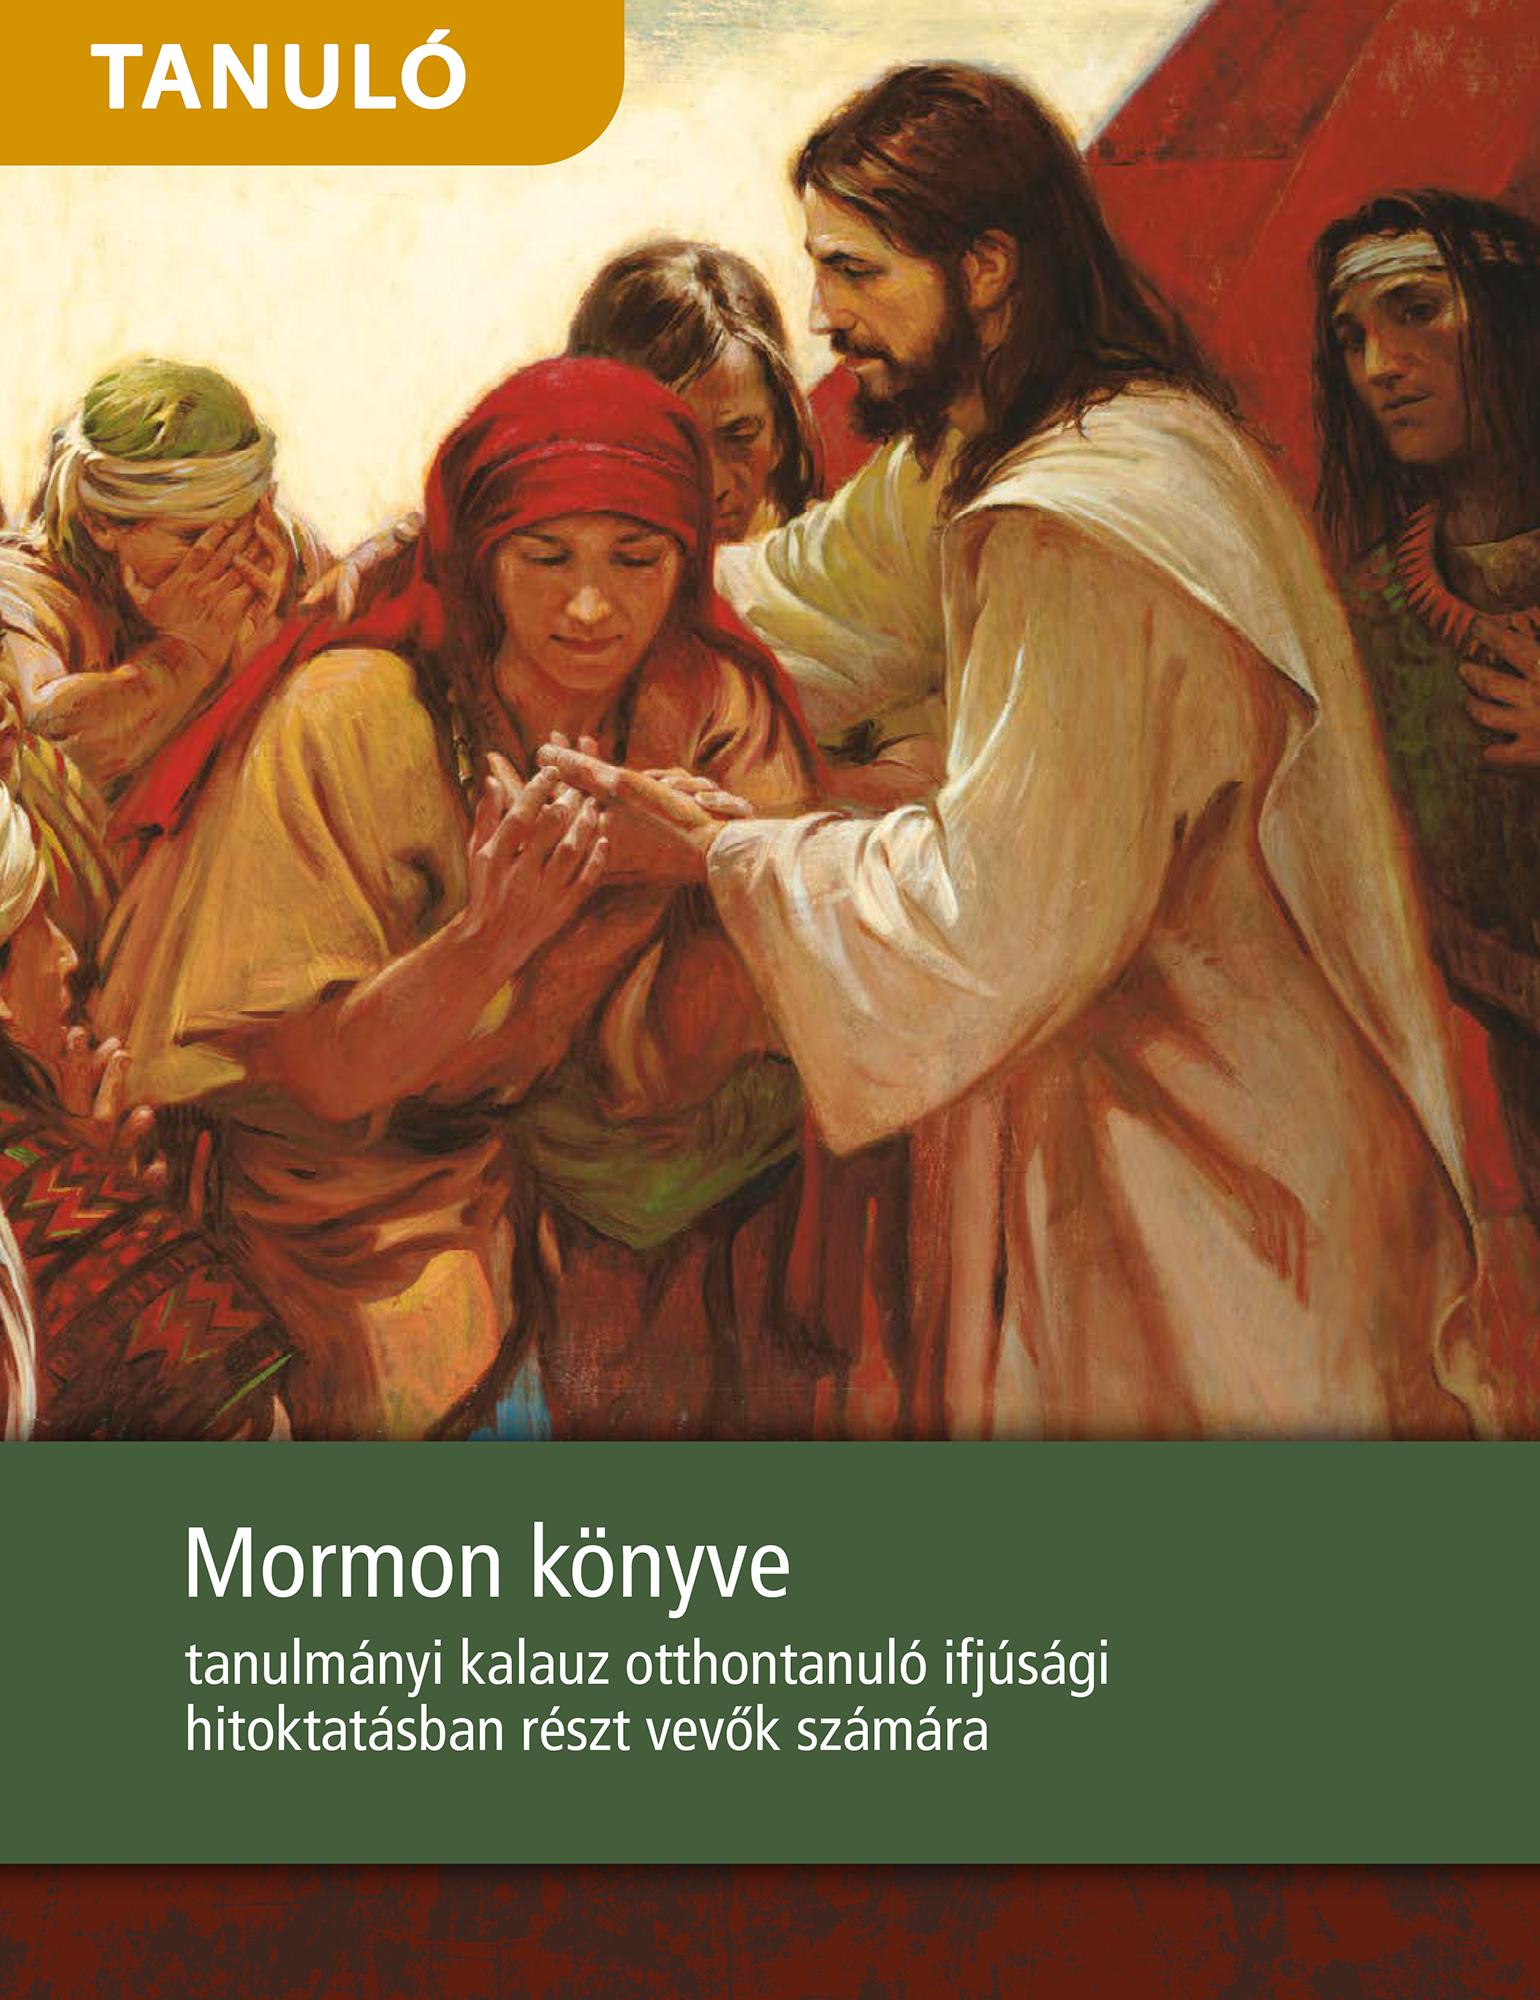 Mormon könyve tanulmányi kalauz otthontanuló ifjúsági hitoktatásban részt vevők számára